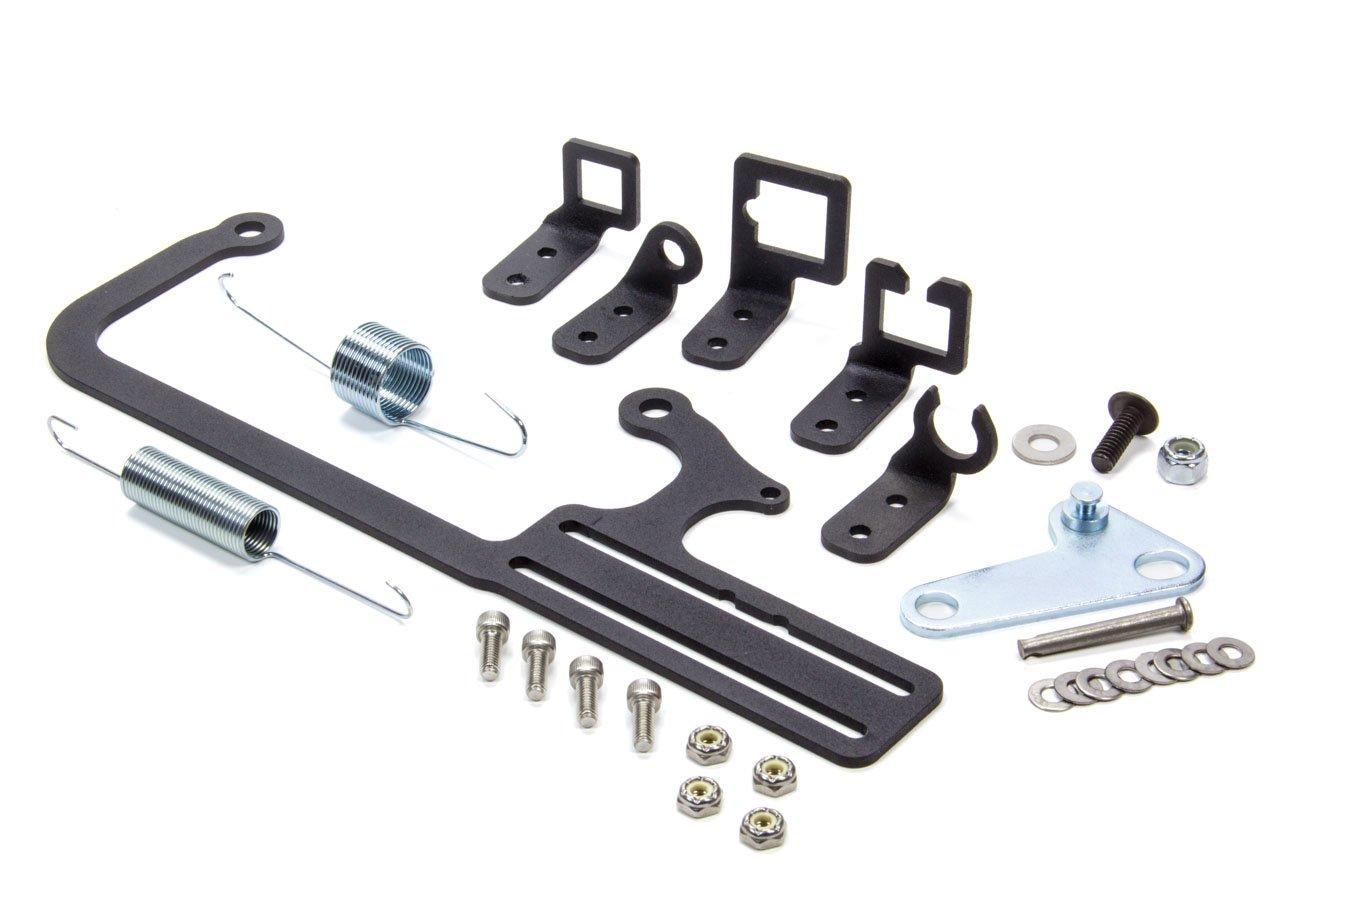 Fast 304147 EZ-EFI Cable Mount Kit